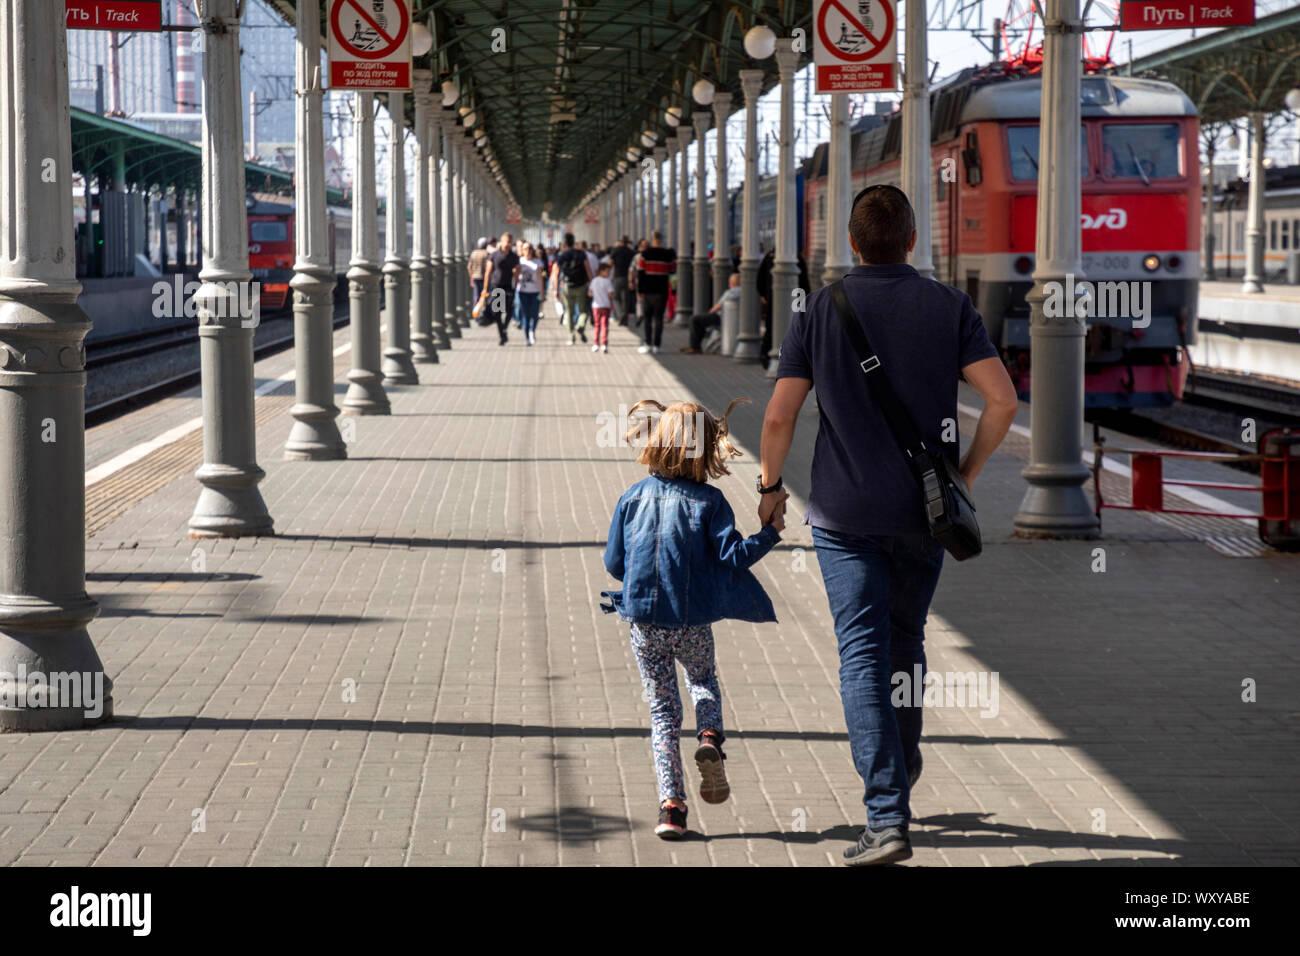 La gente a piedi sulla piattaforma di Mosca Belorussky stazione ferroviaria con treni pendolari e treni a lunga percorrenza a Mosca, Russia Foto Stock